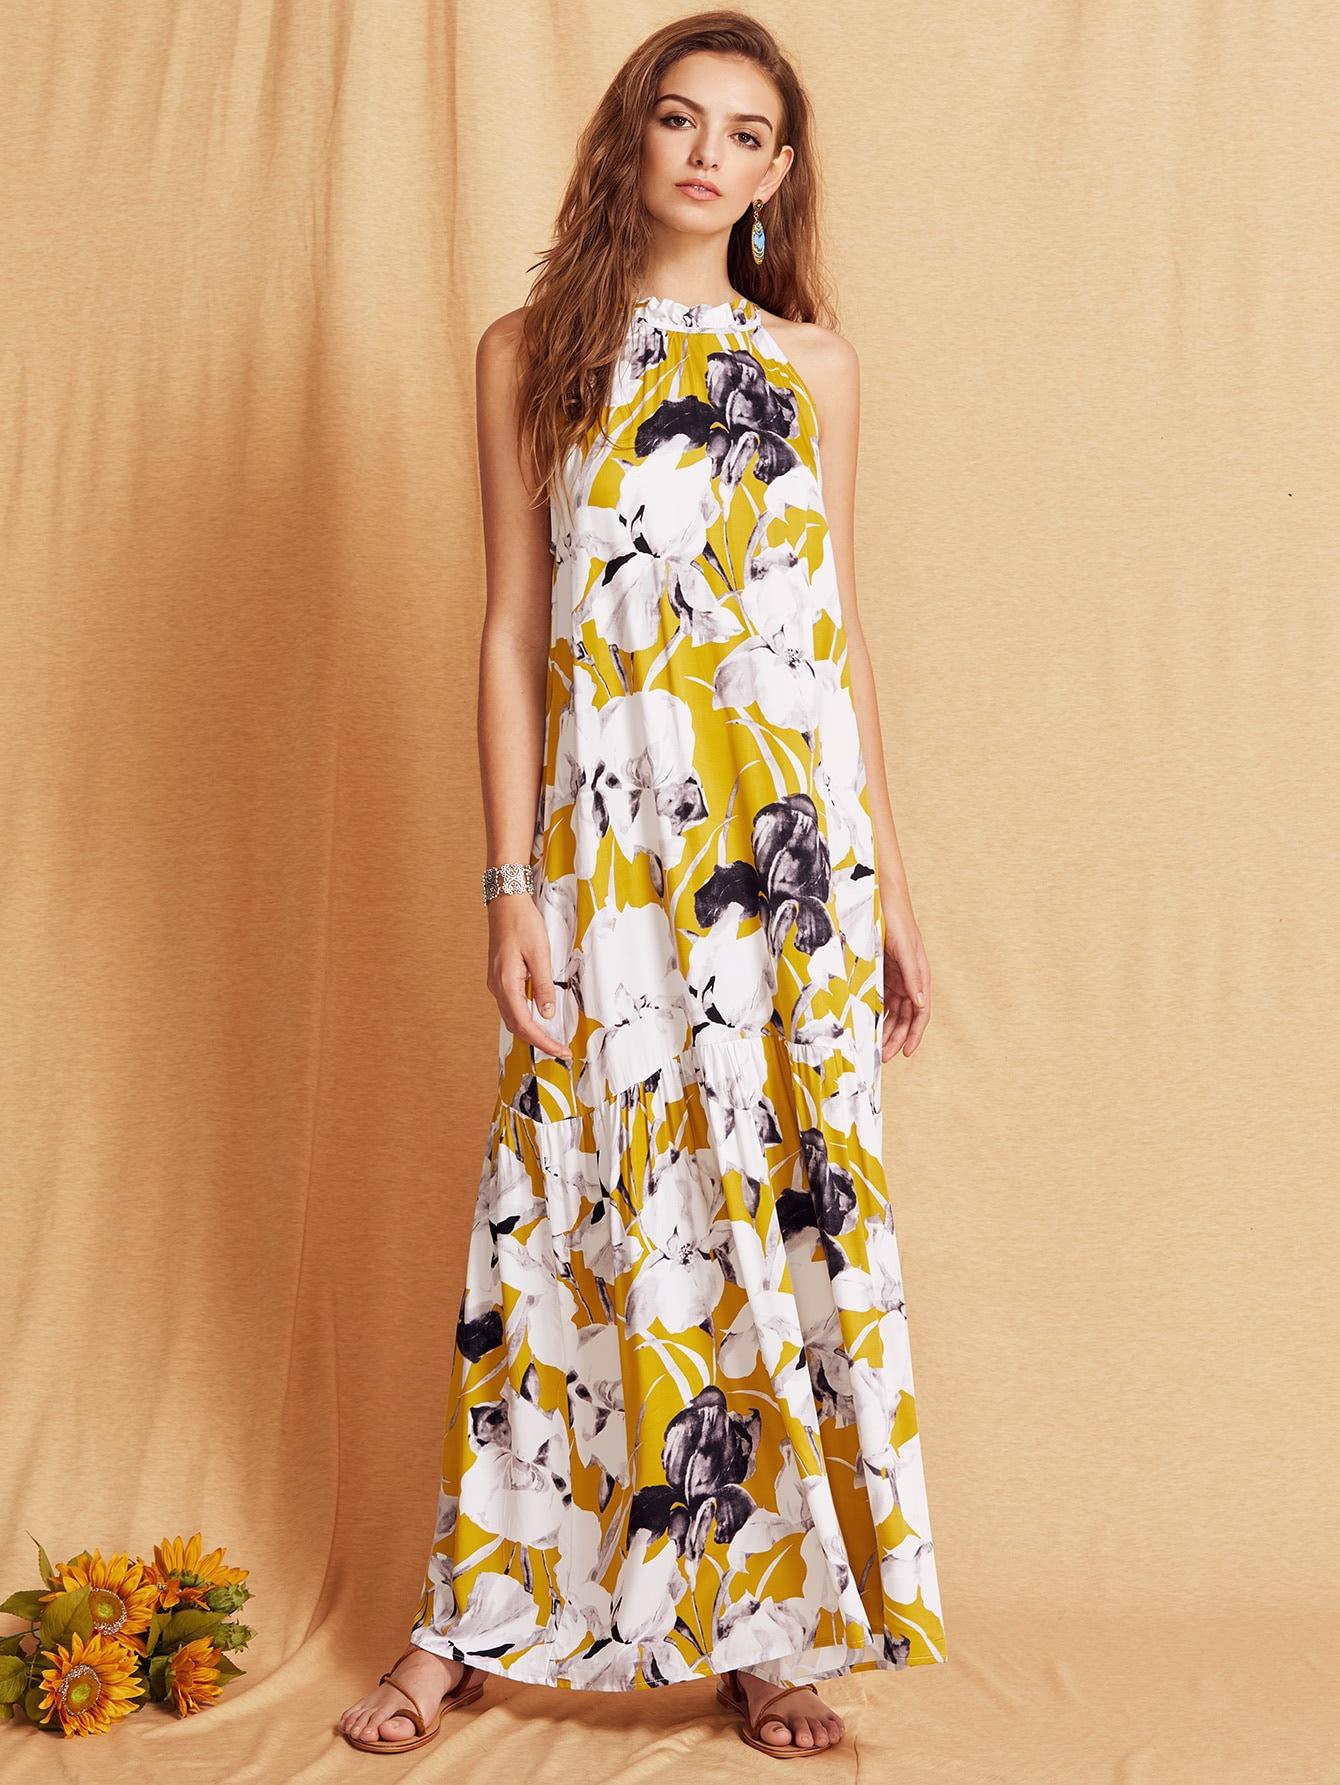 Flower Print Halter Neck Full Length Beach Dress